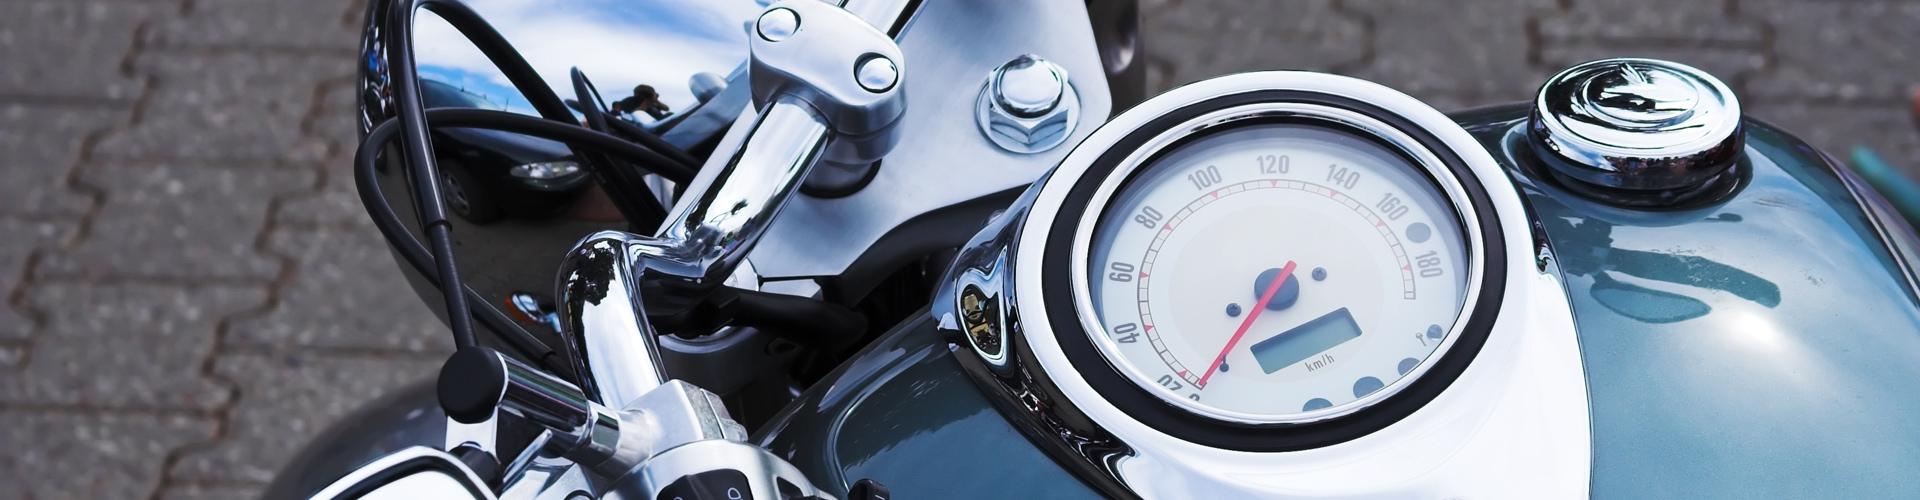 background-motocycles